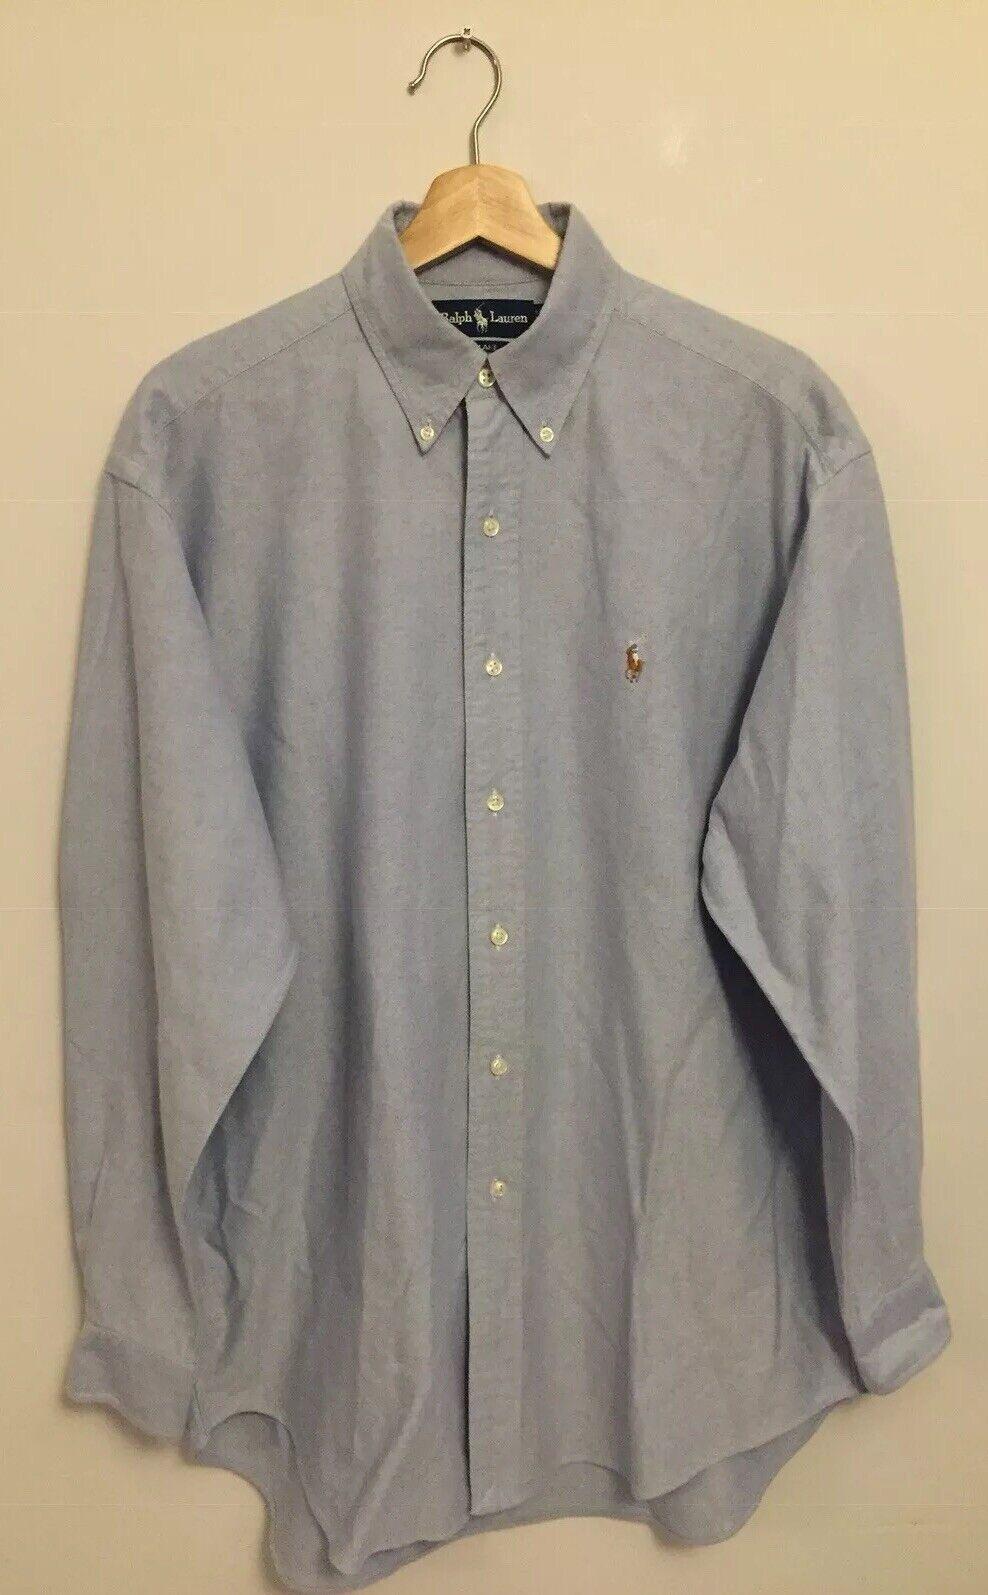 Men's Ralph Lauren Long Sleeve Shirt Light bluee Size Medium